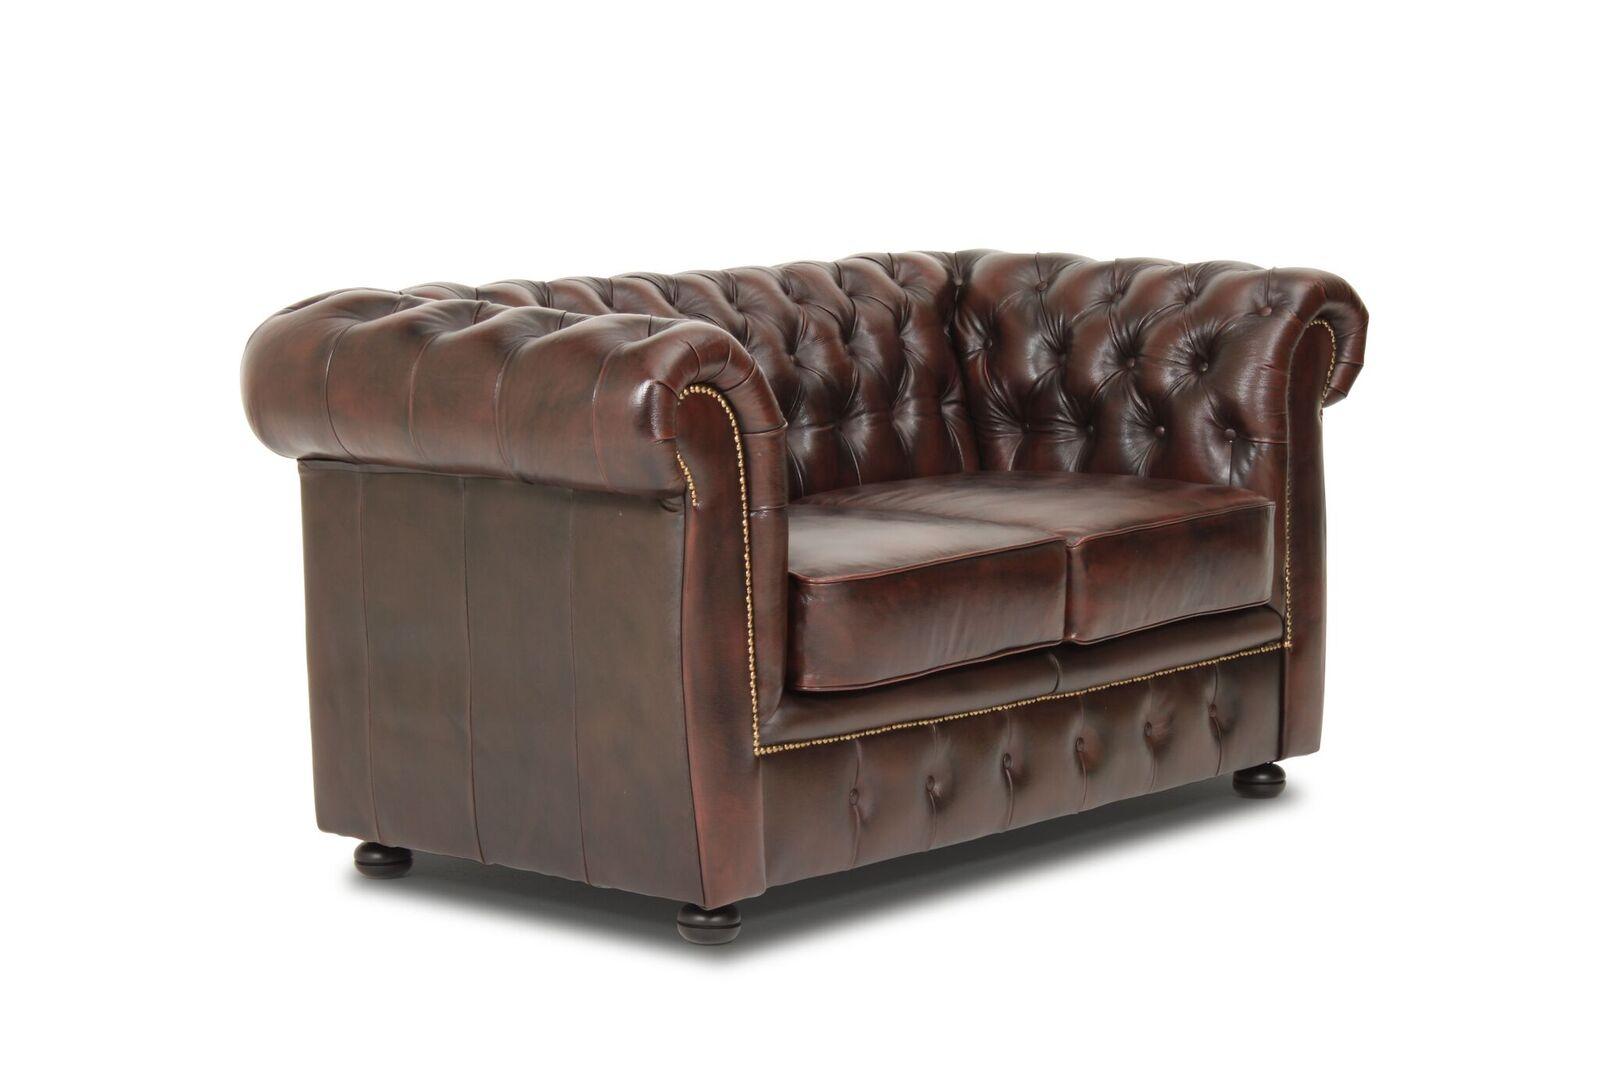 haga gruppen Haga liverpool 2 pers. sofa - brun læder på boboonline.dk